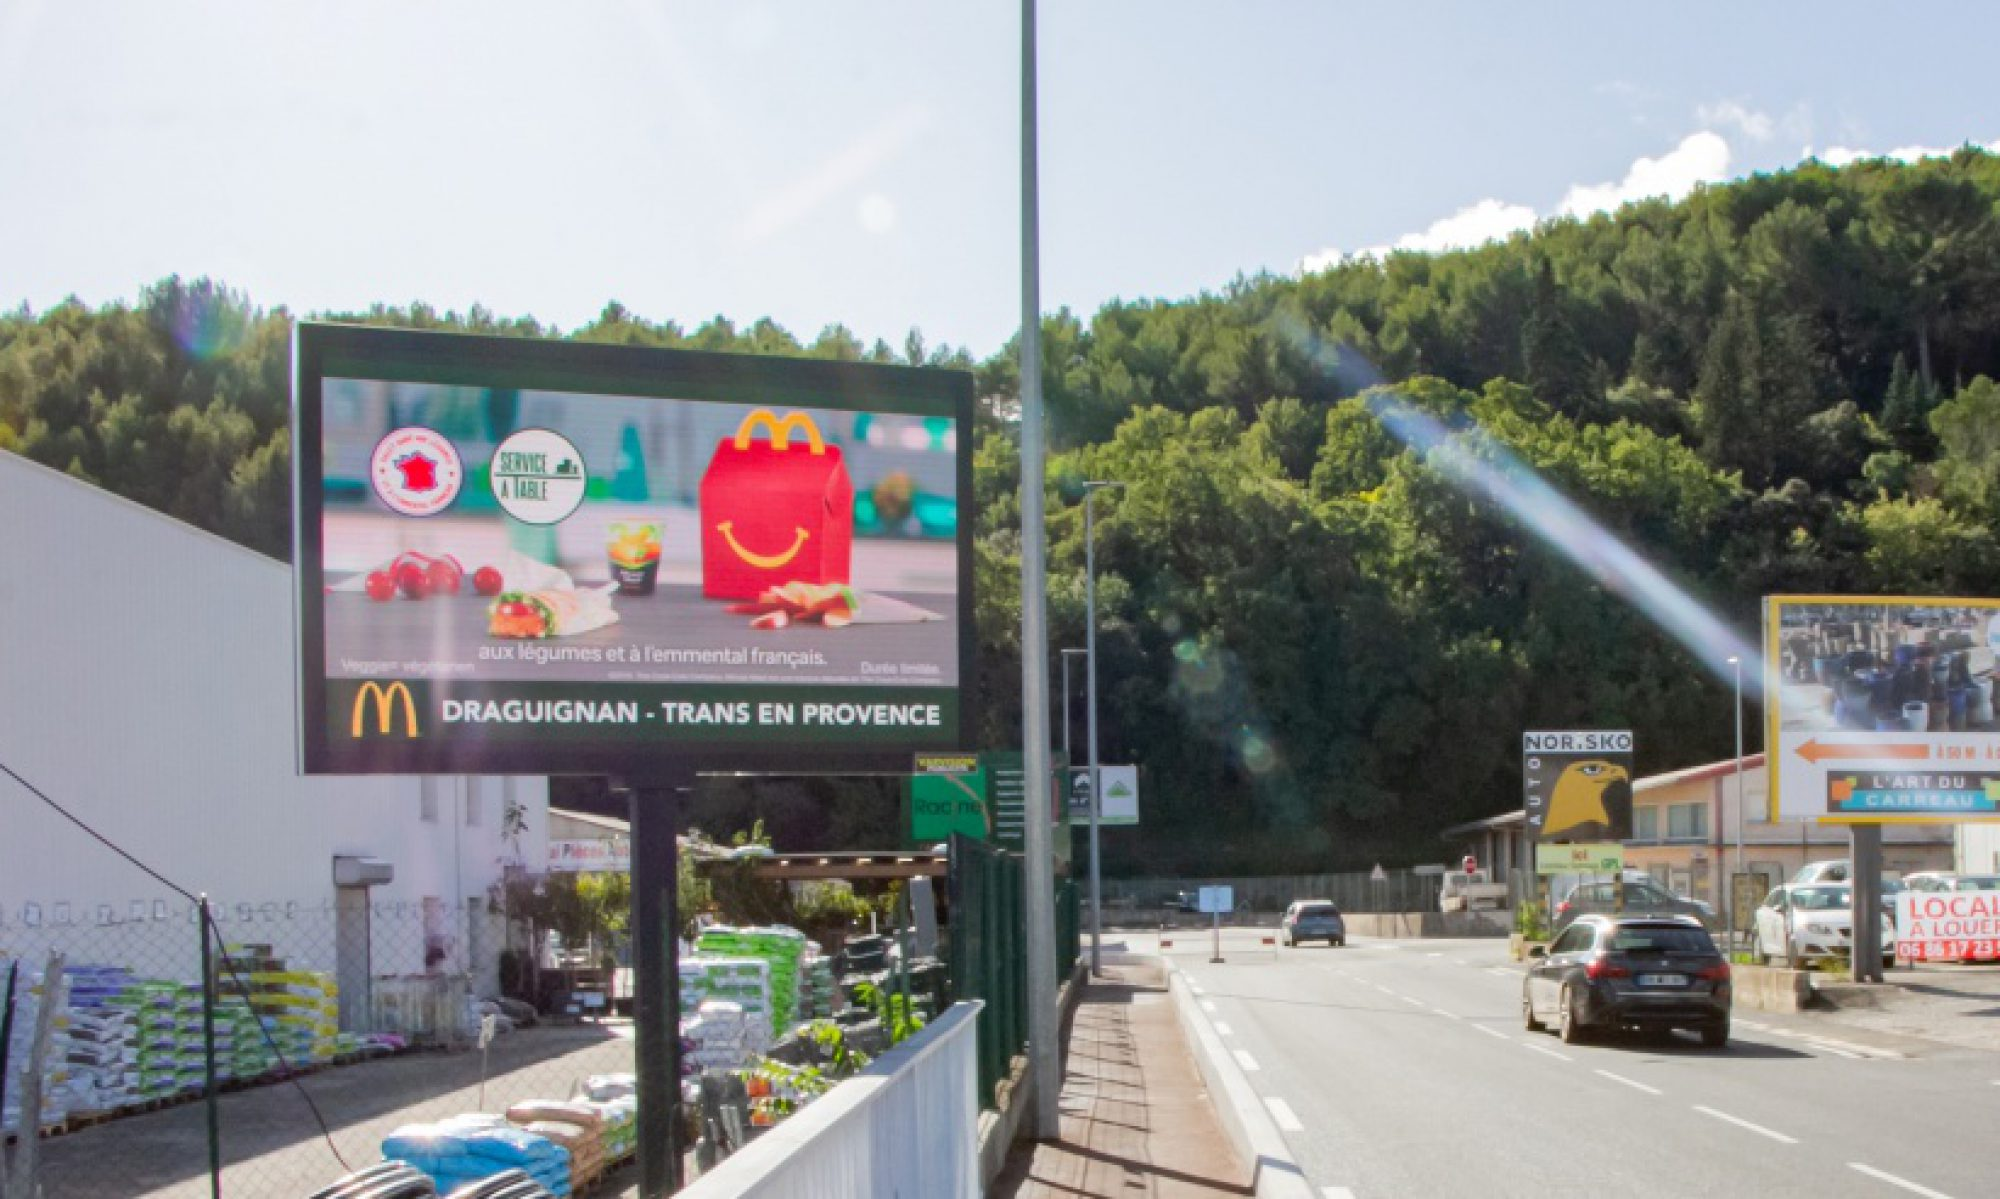 Panneaux publicitaires en location